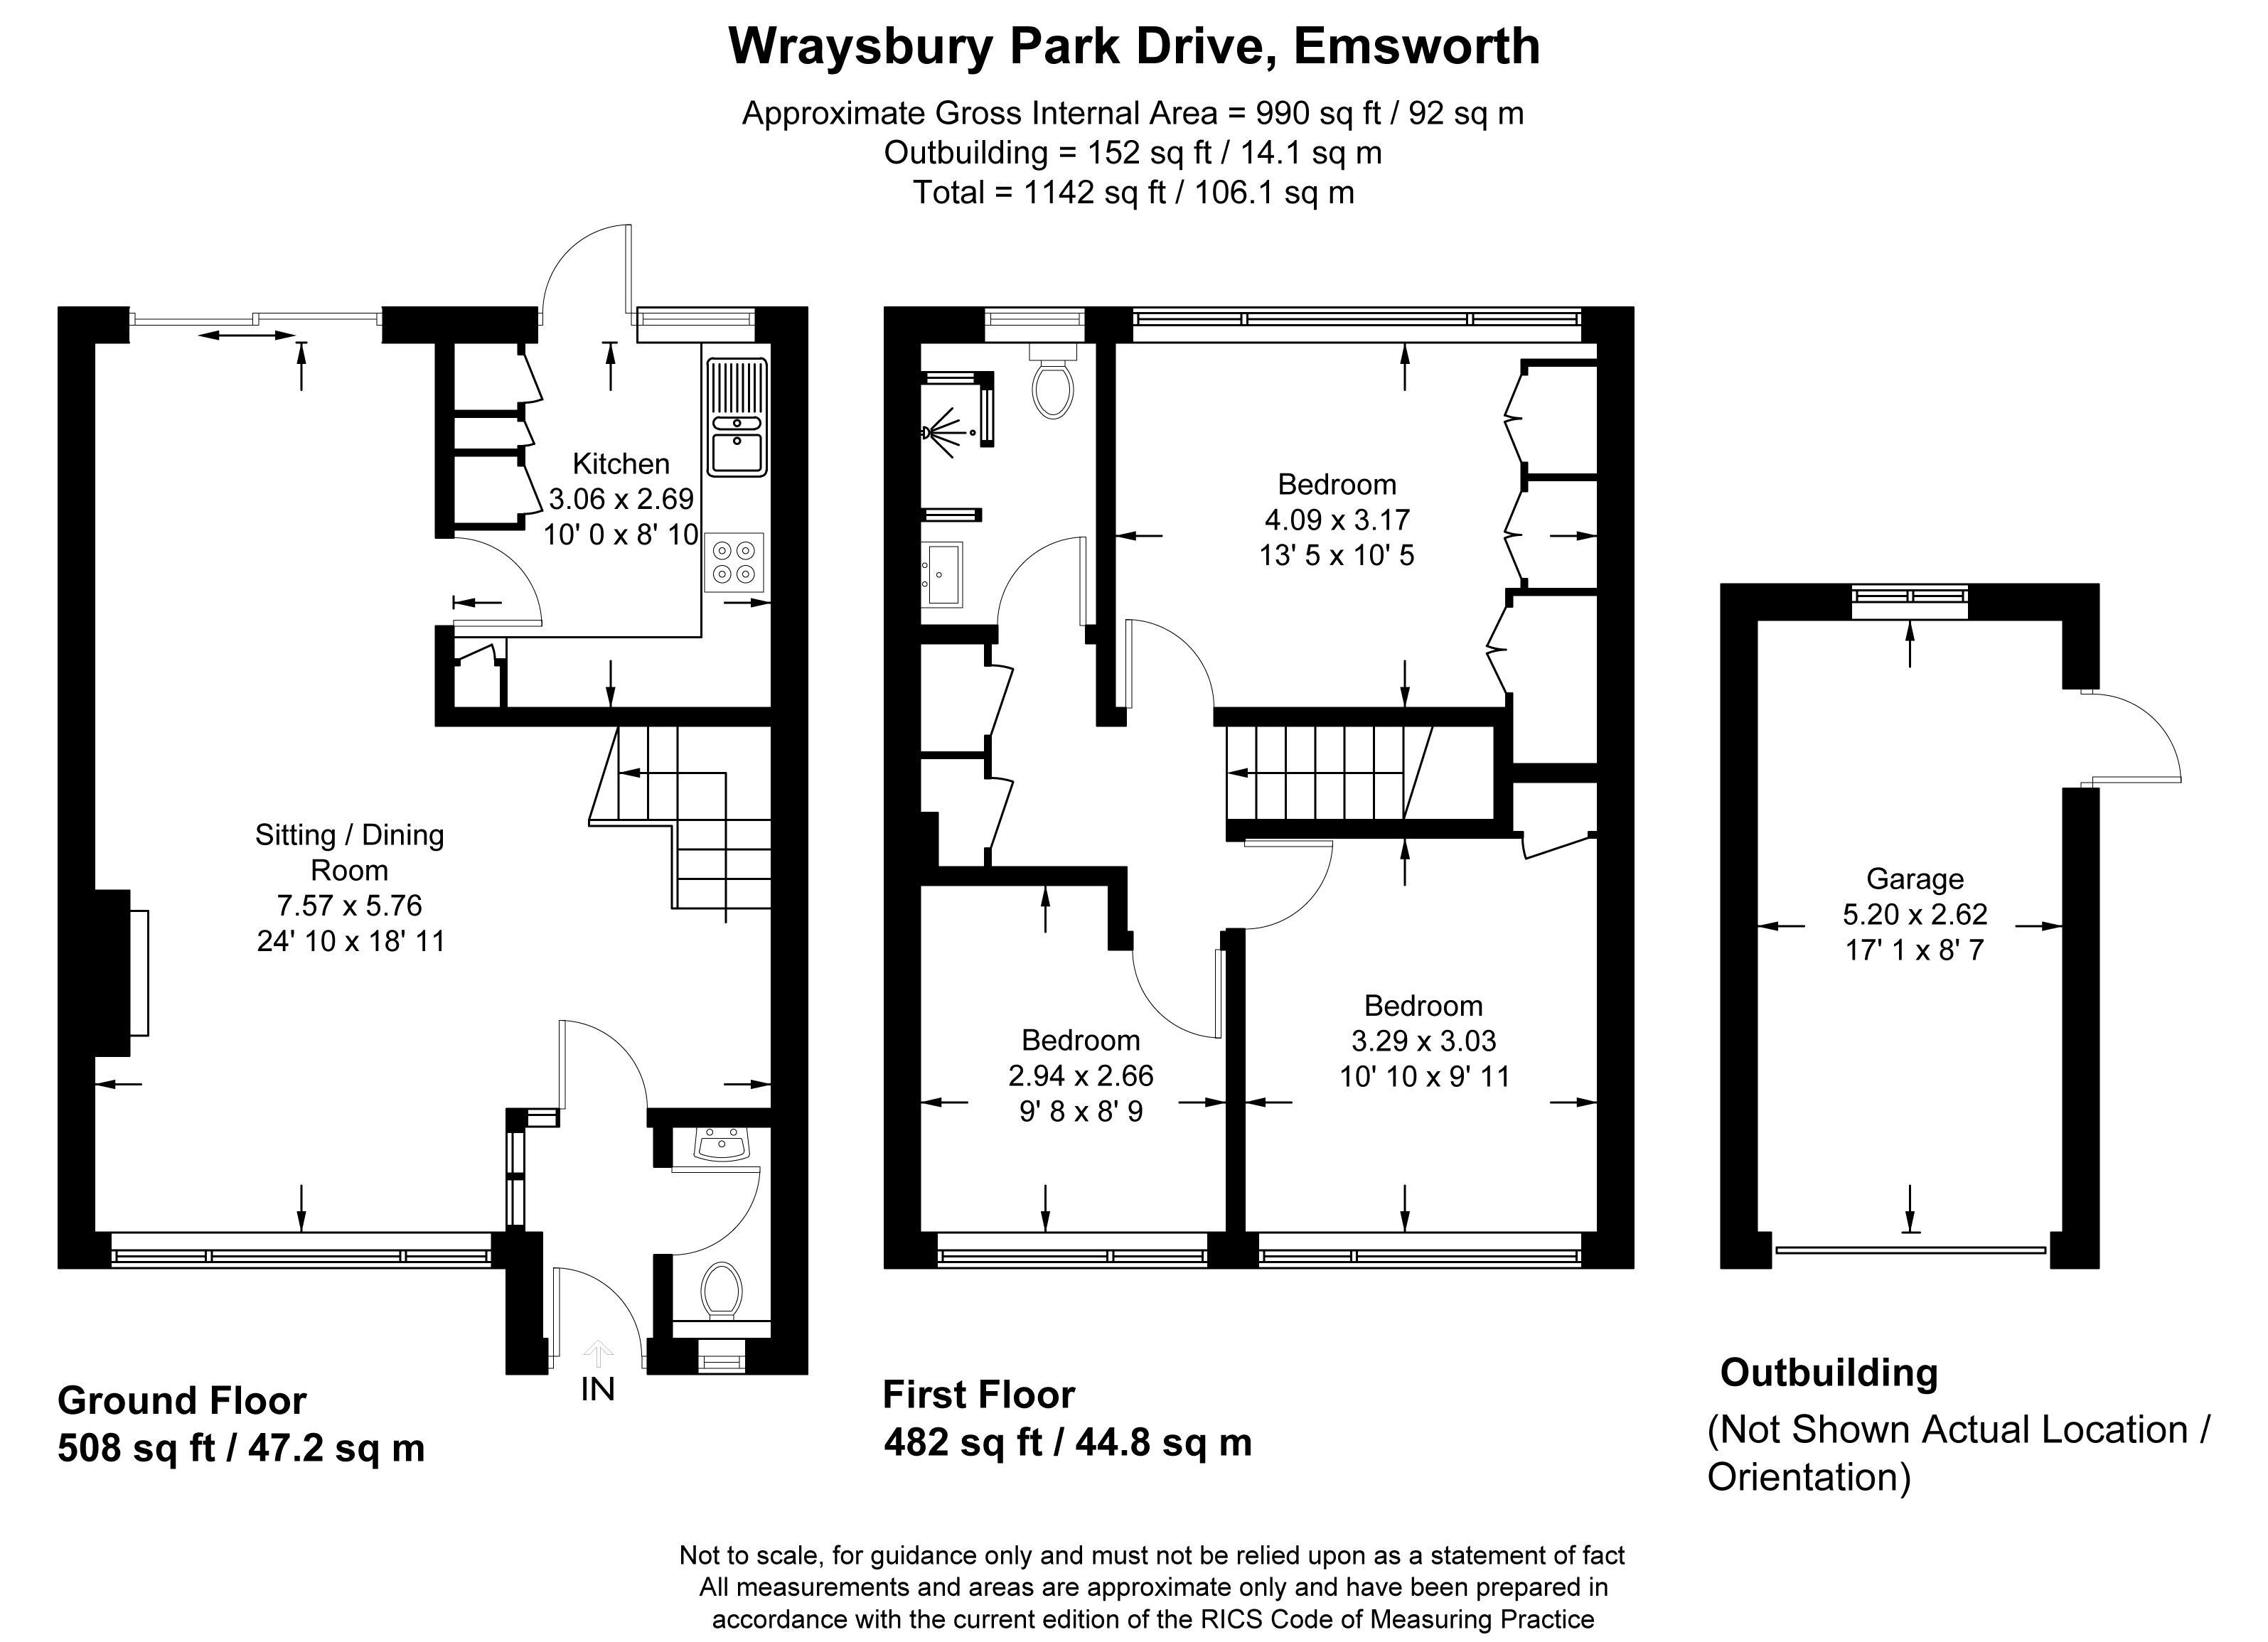 Wraysbury Park Drive